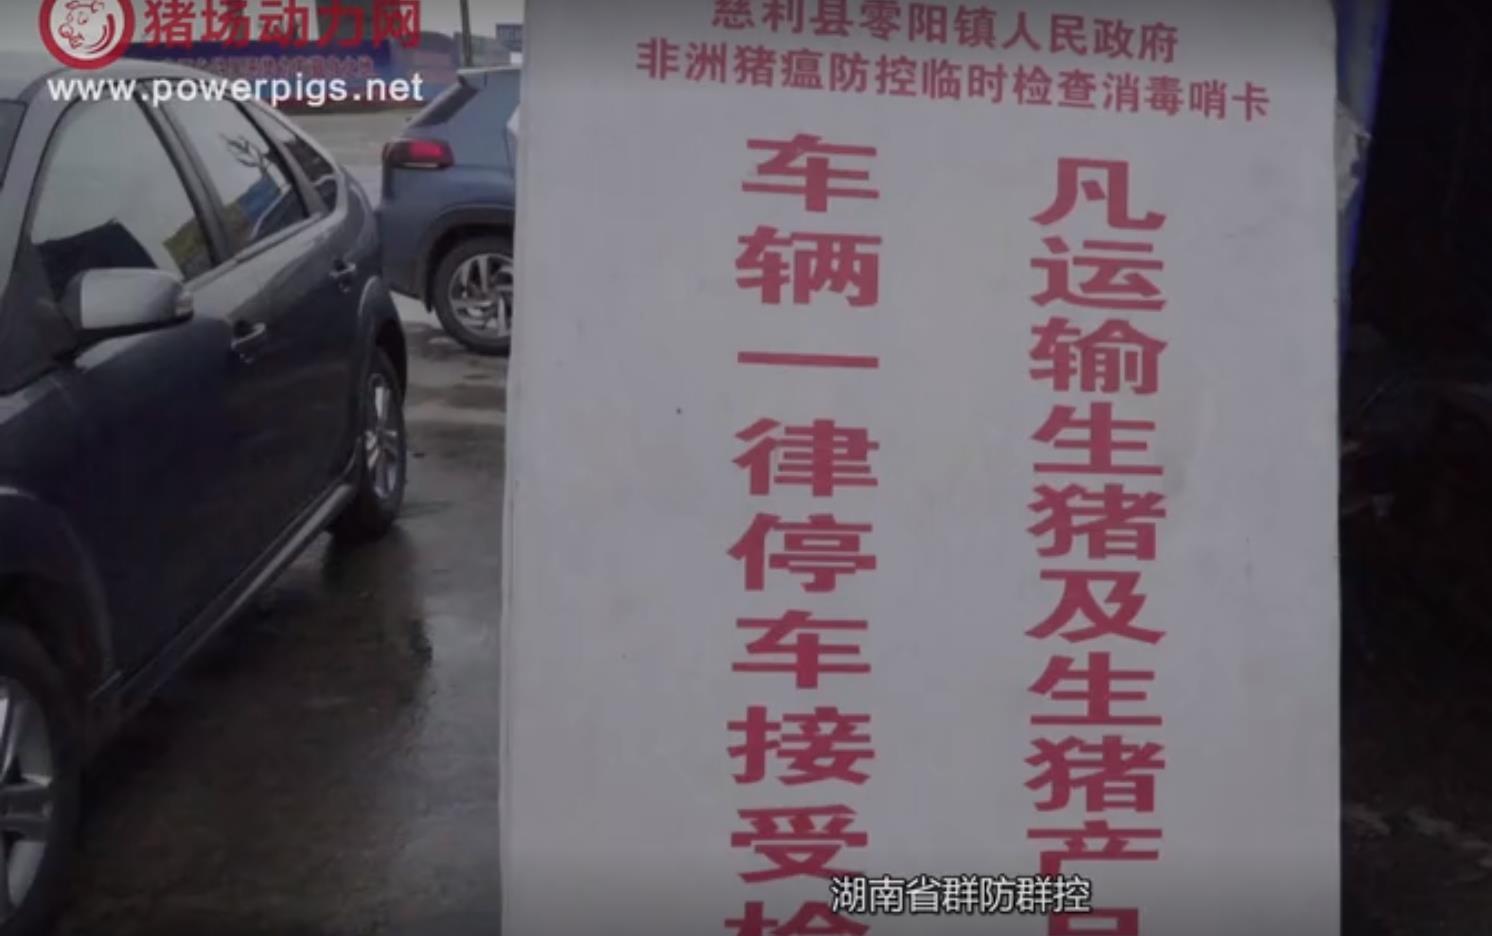 【视频】慈利养猪协会会长被拘10日,什么才是联防联控的正确打开方式?